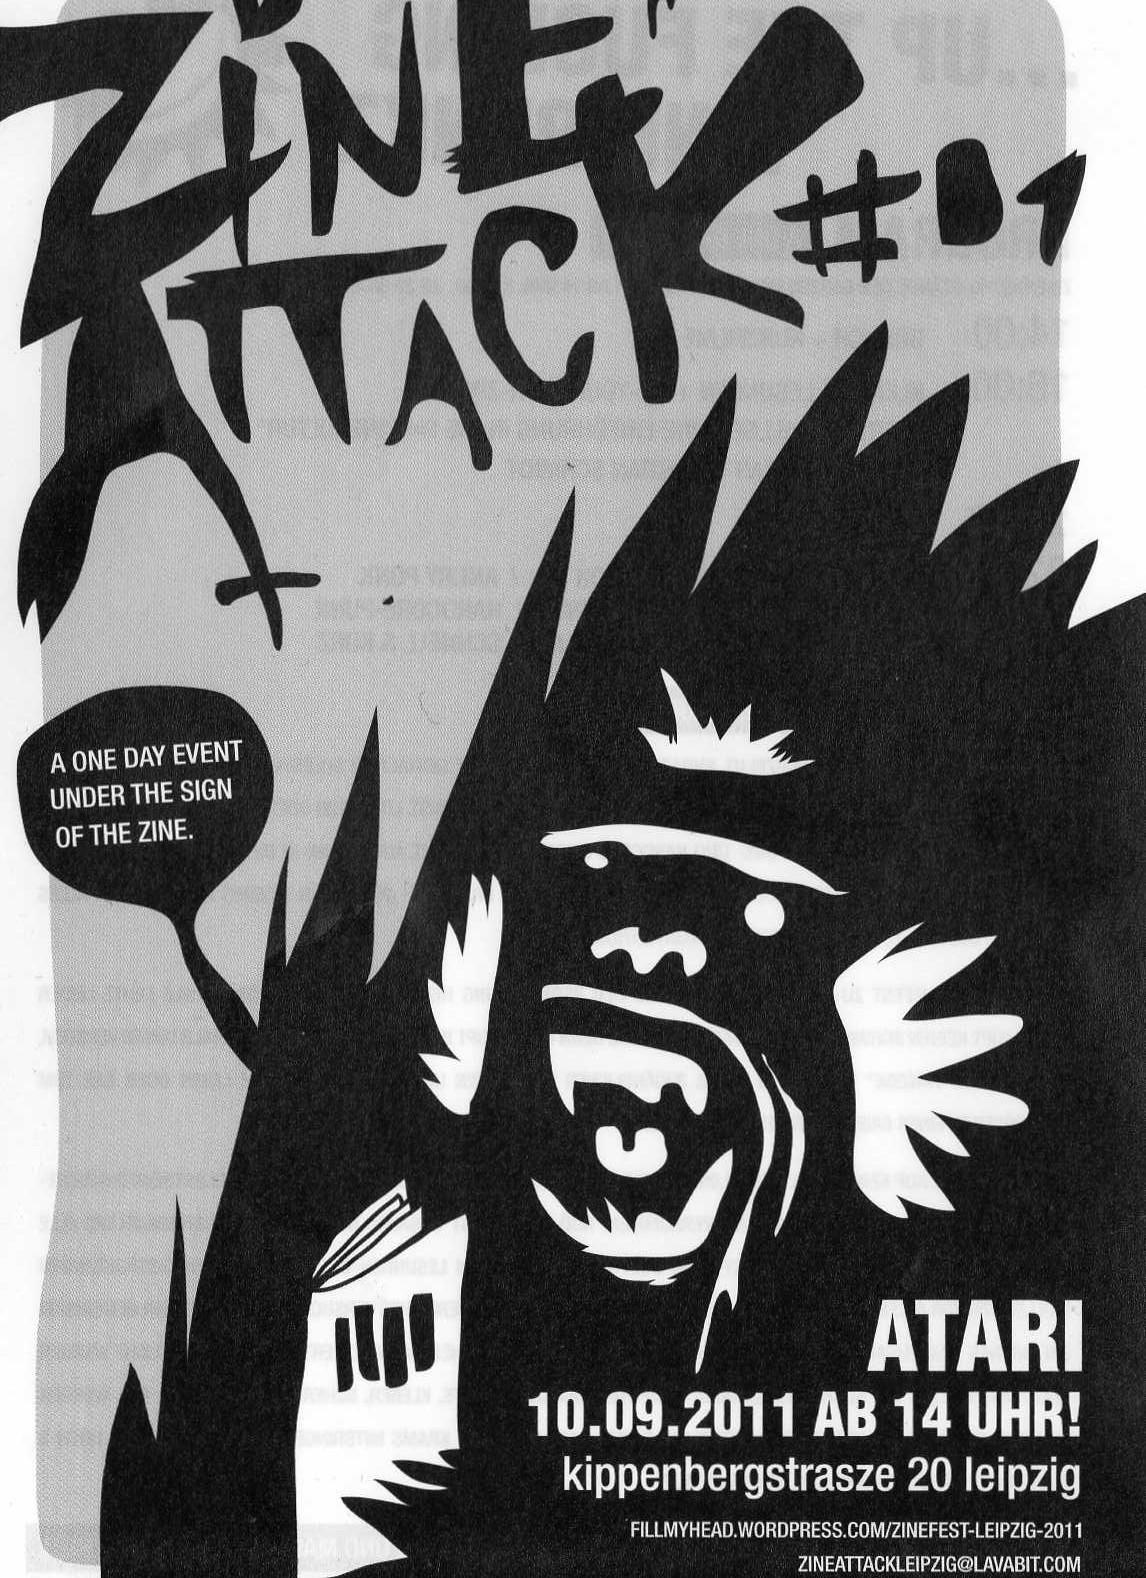 zine attack